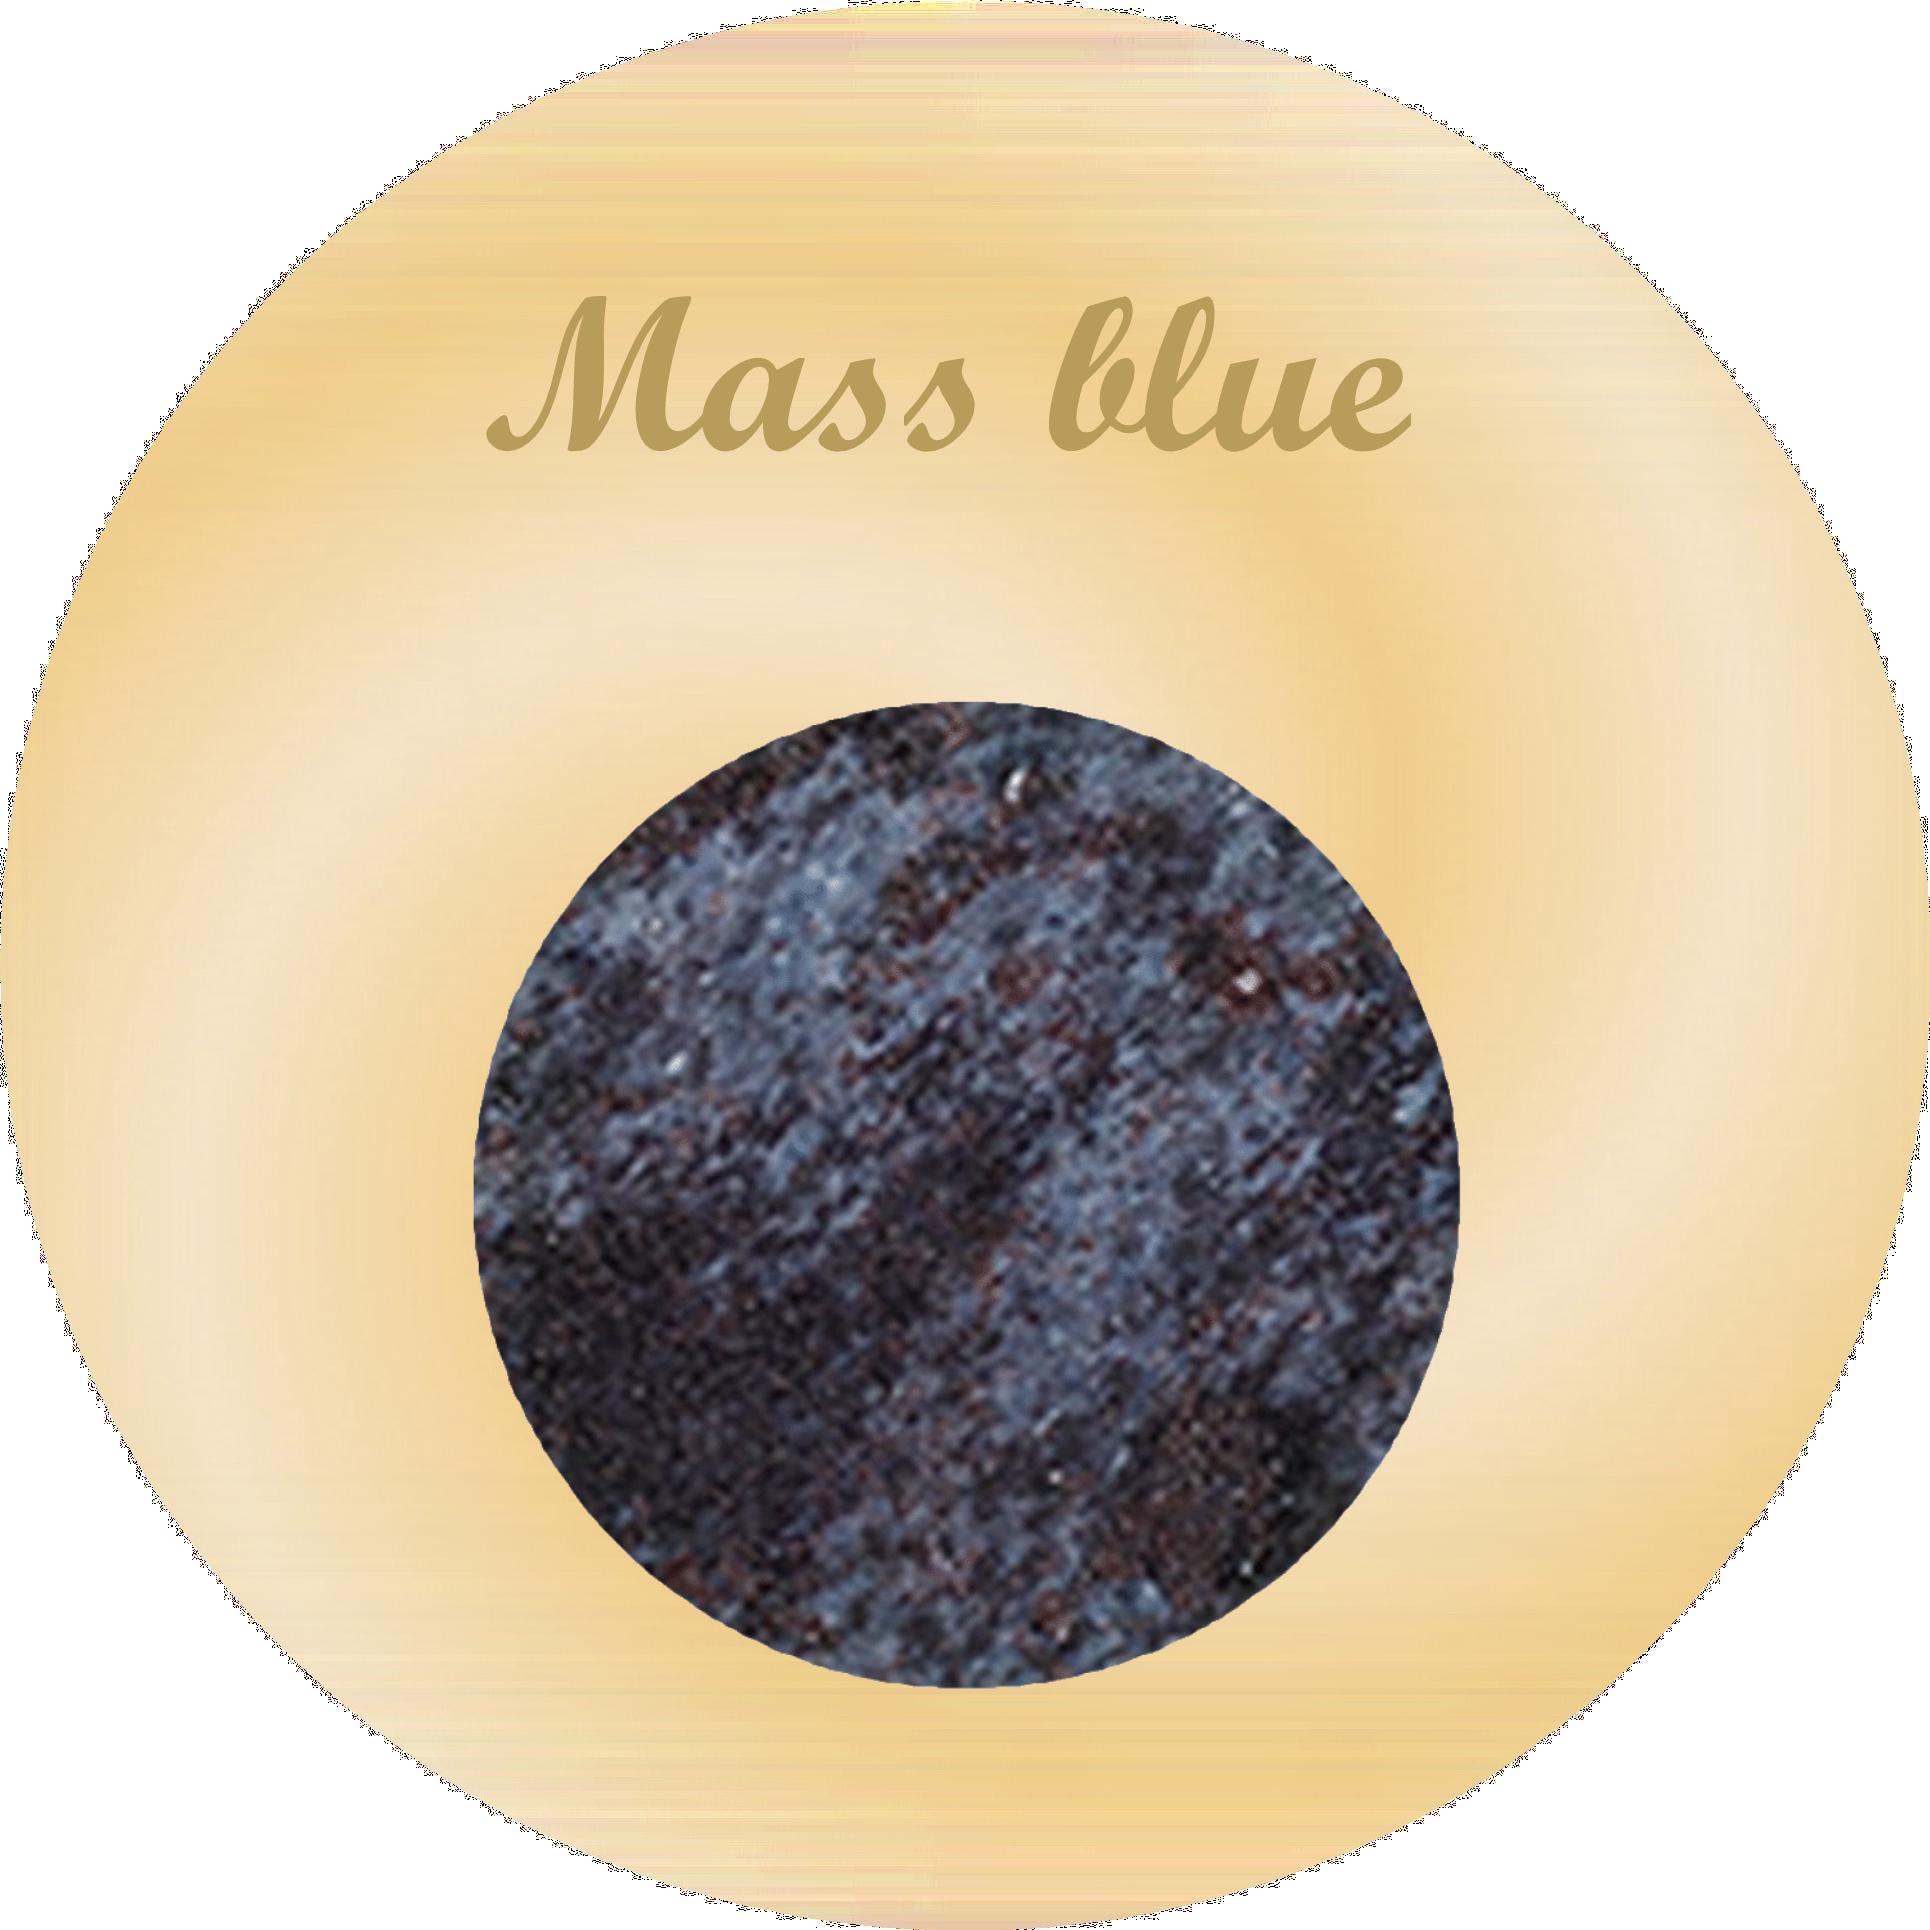 couleur granit mass blue pour plaques funeraires